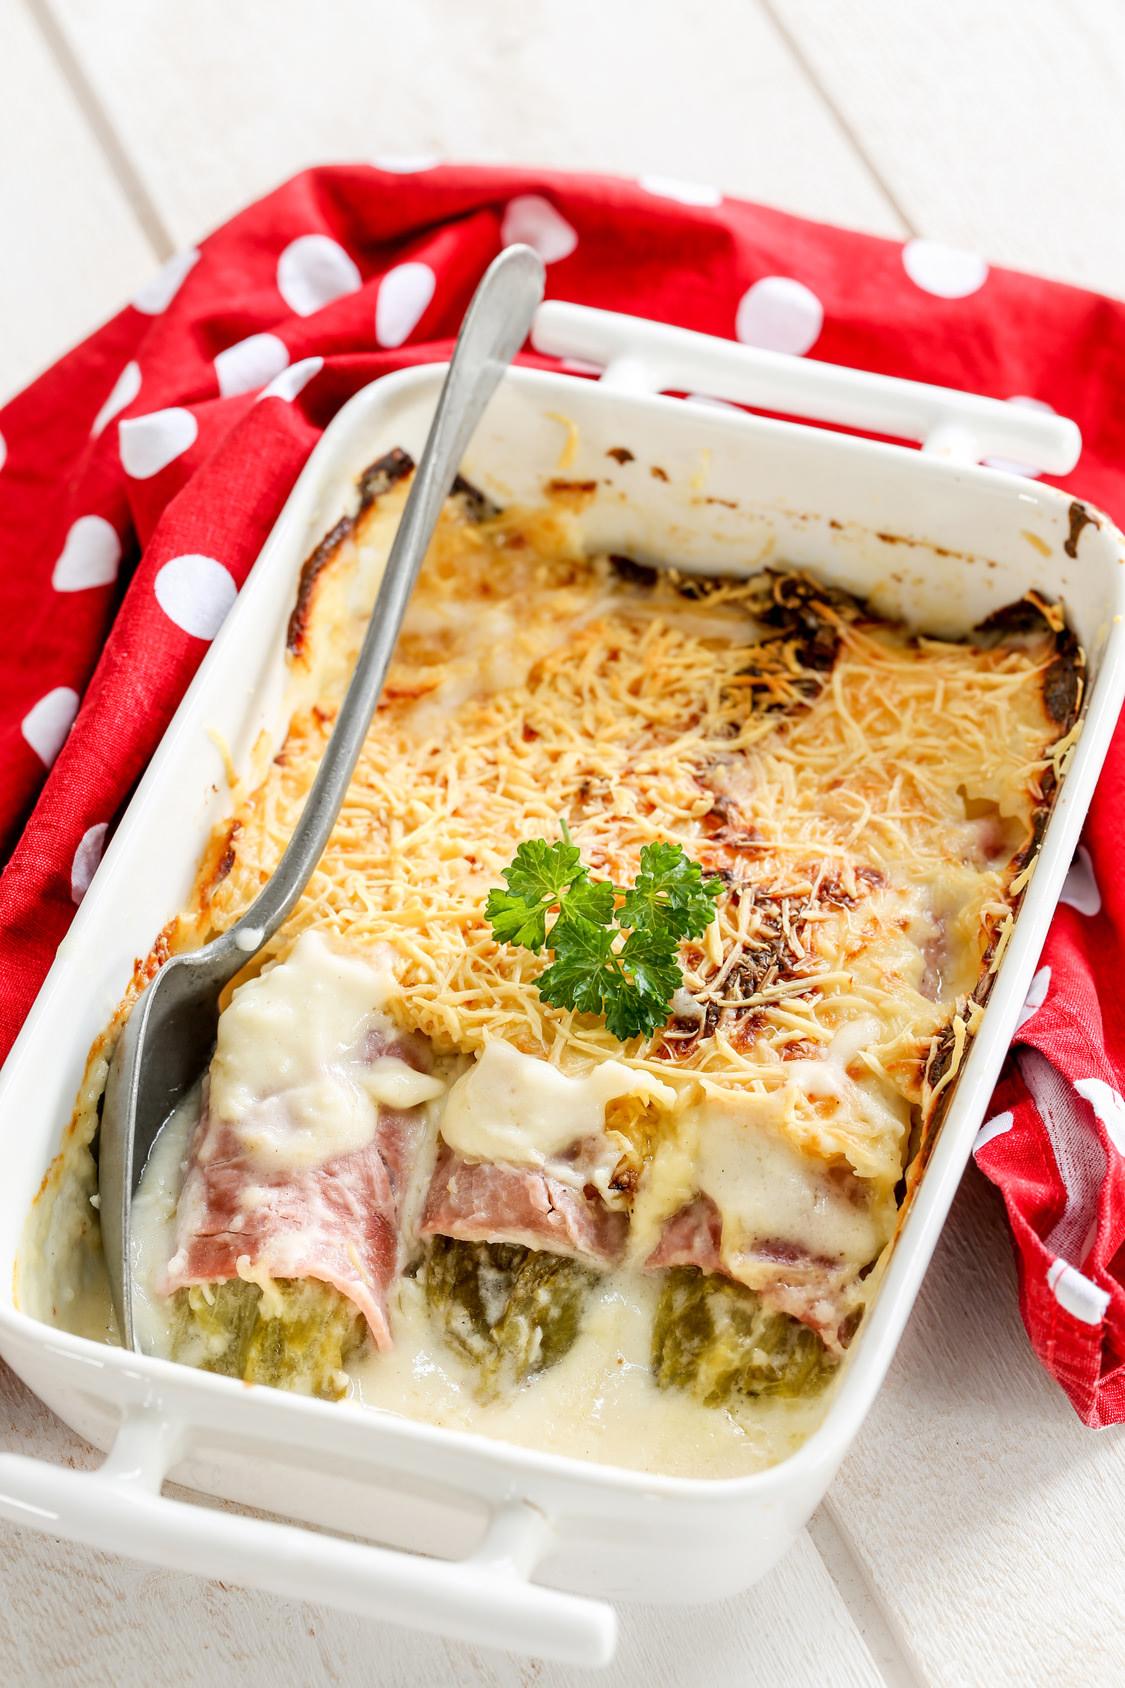 Recette endive au jambon en gratin b chamel gruy re rap for Noix de muscade cuisine